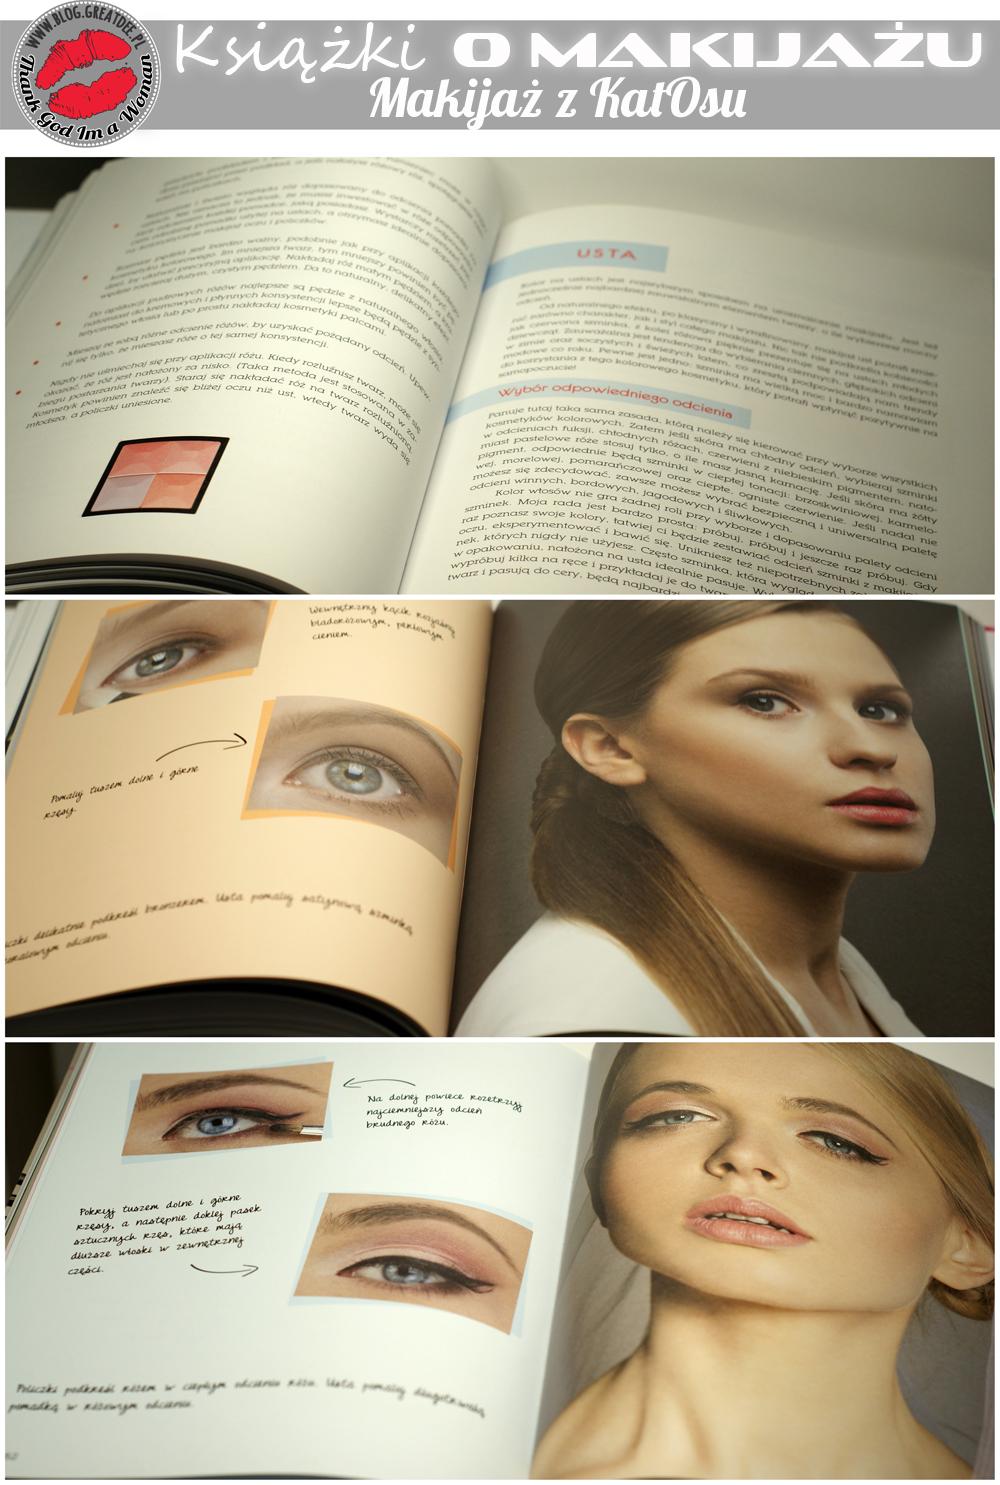 Książki o makijażu - porównanie Bobby Brown, Kevyn Aucoin, Makijaż z KatOsu, Akademia Makijażu Katarzyna Kozłowska-Kołodziejska